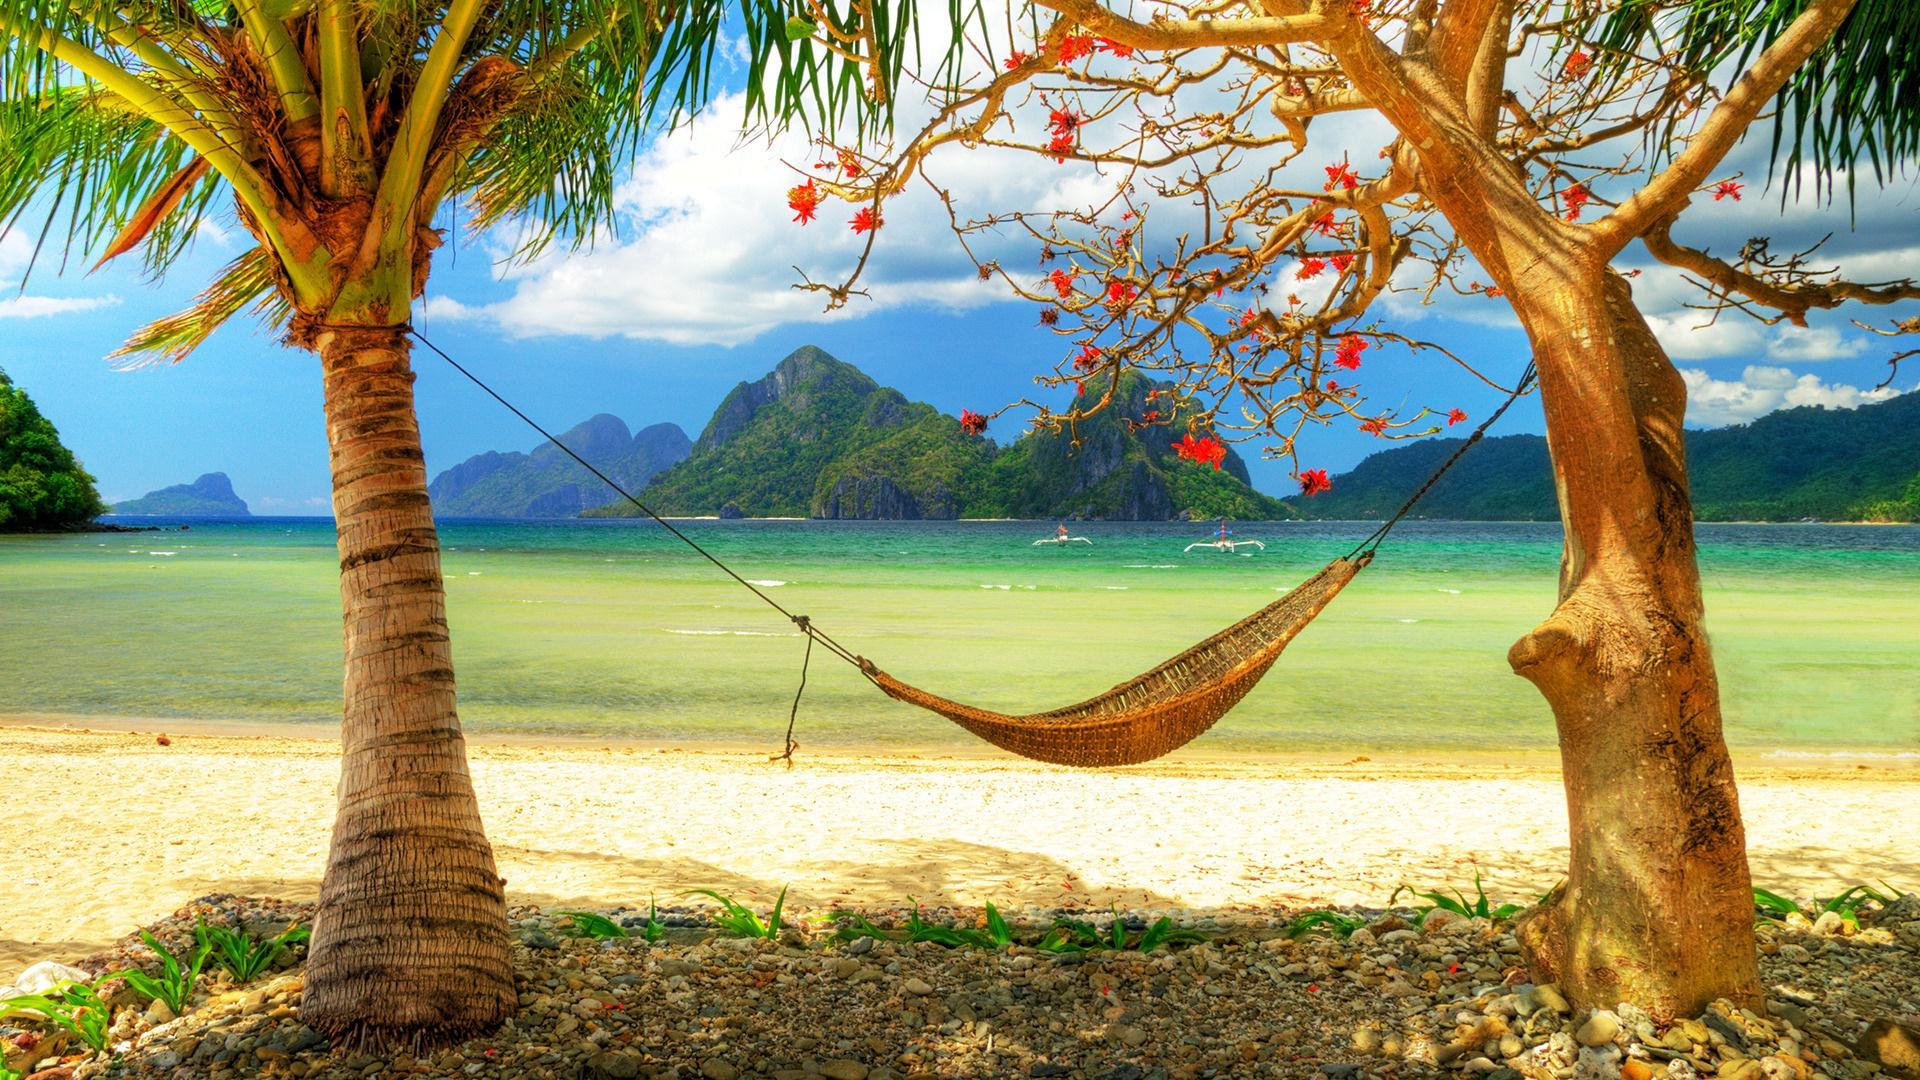 Vacanță în străinătate – ce trebuie să știm despre cardurile bancare?